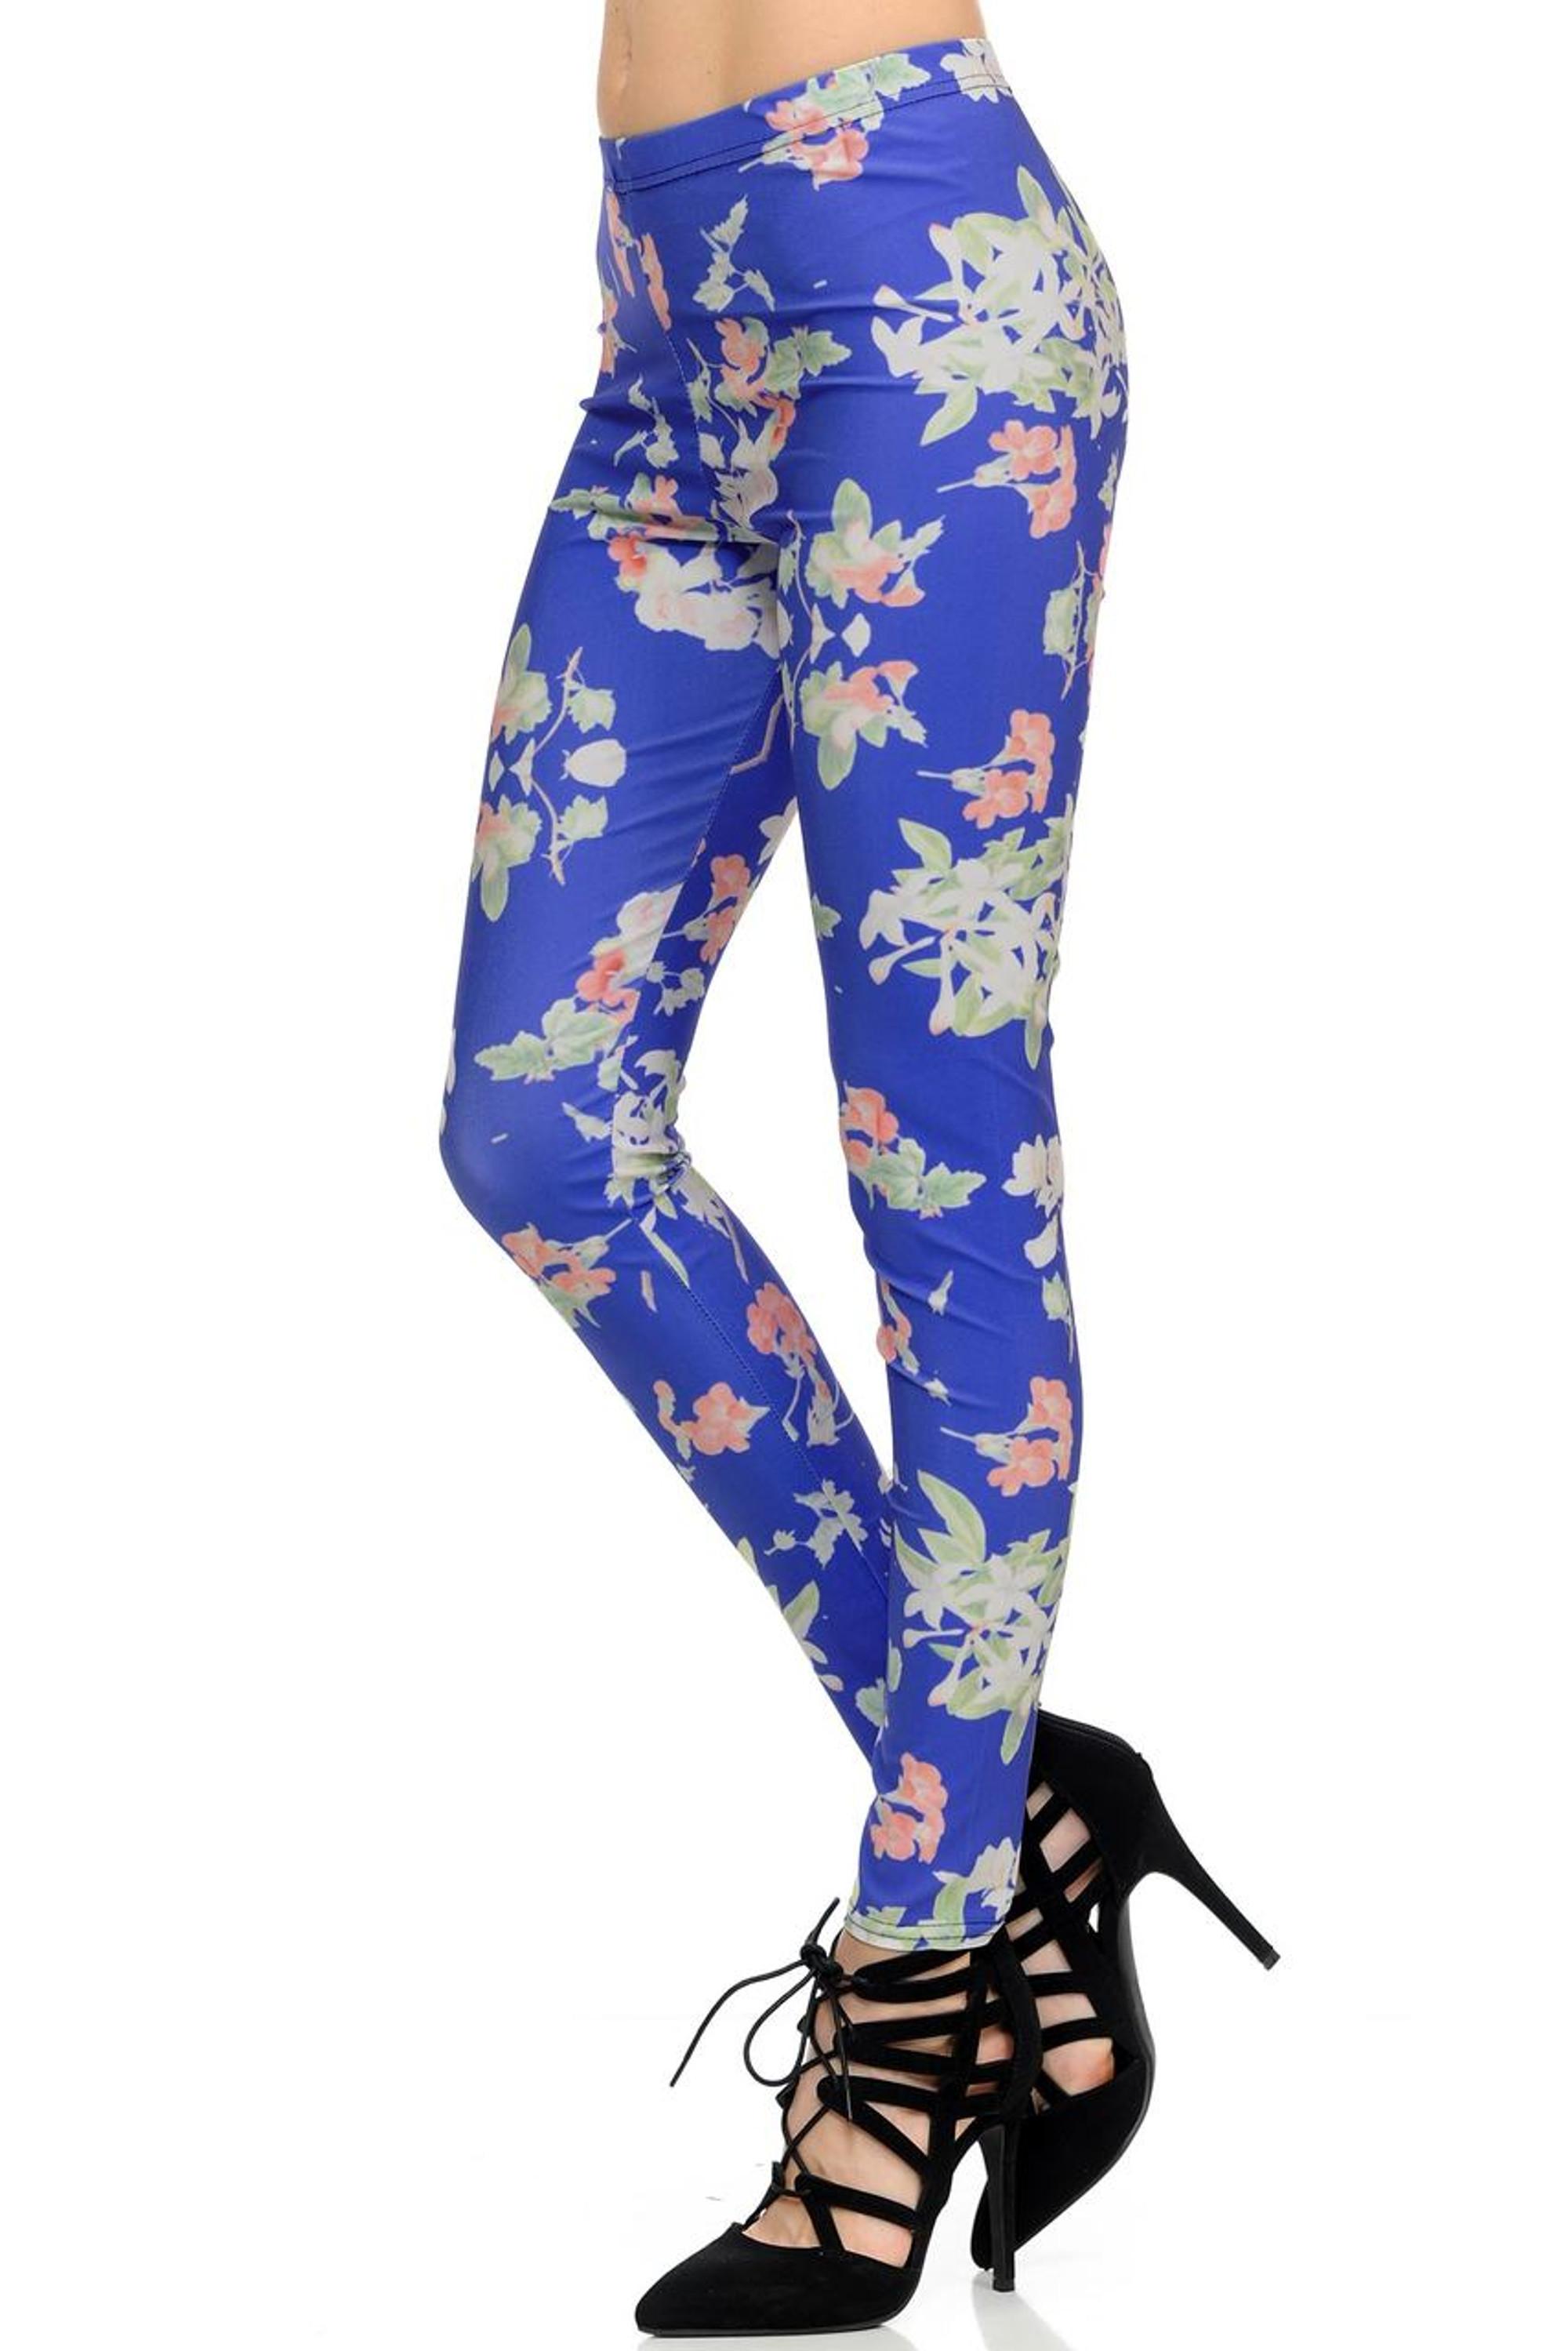 Wholesale Graphic Blue Blooming Flowers Leggings | Leggings ...